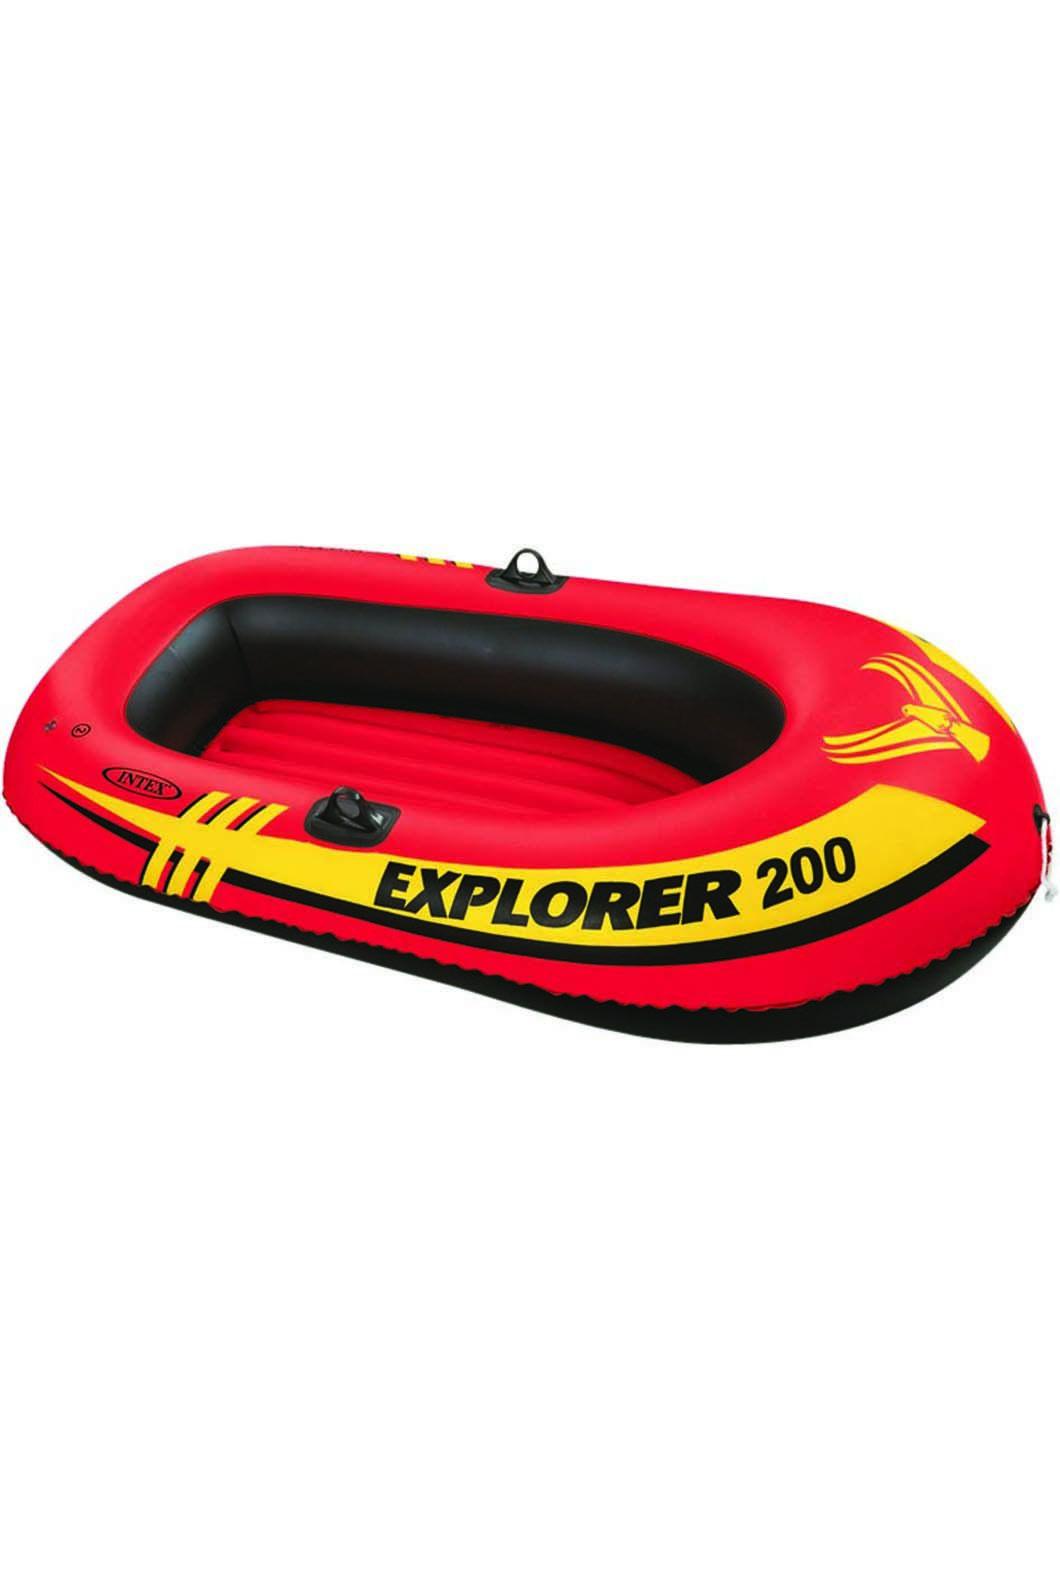 Intex Explorer 200 Inflatable Boat, None, hi-res